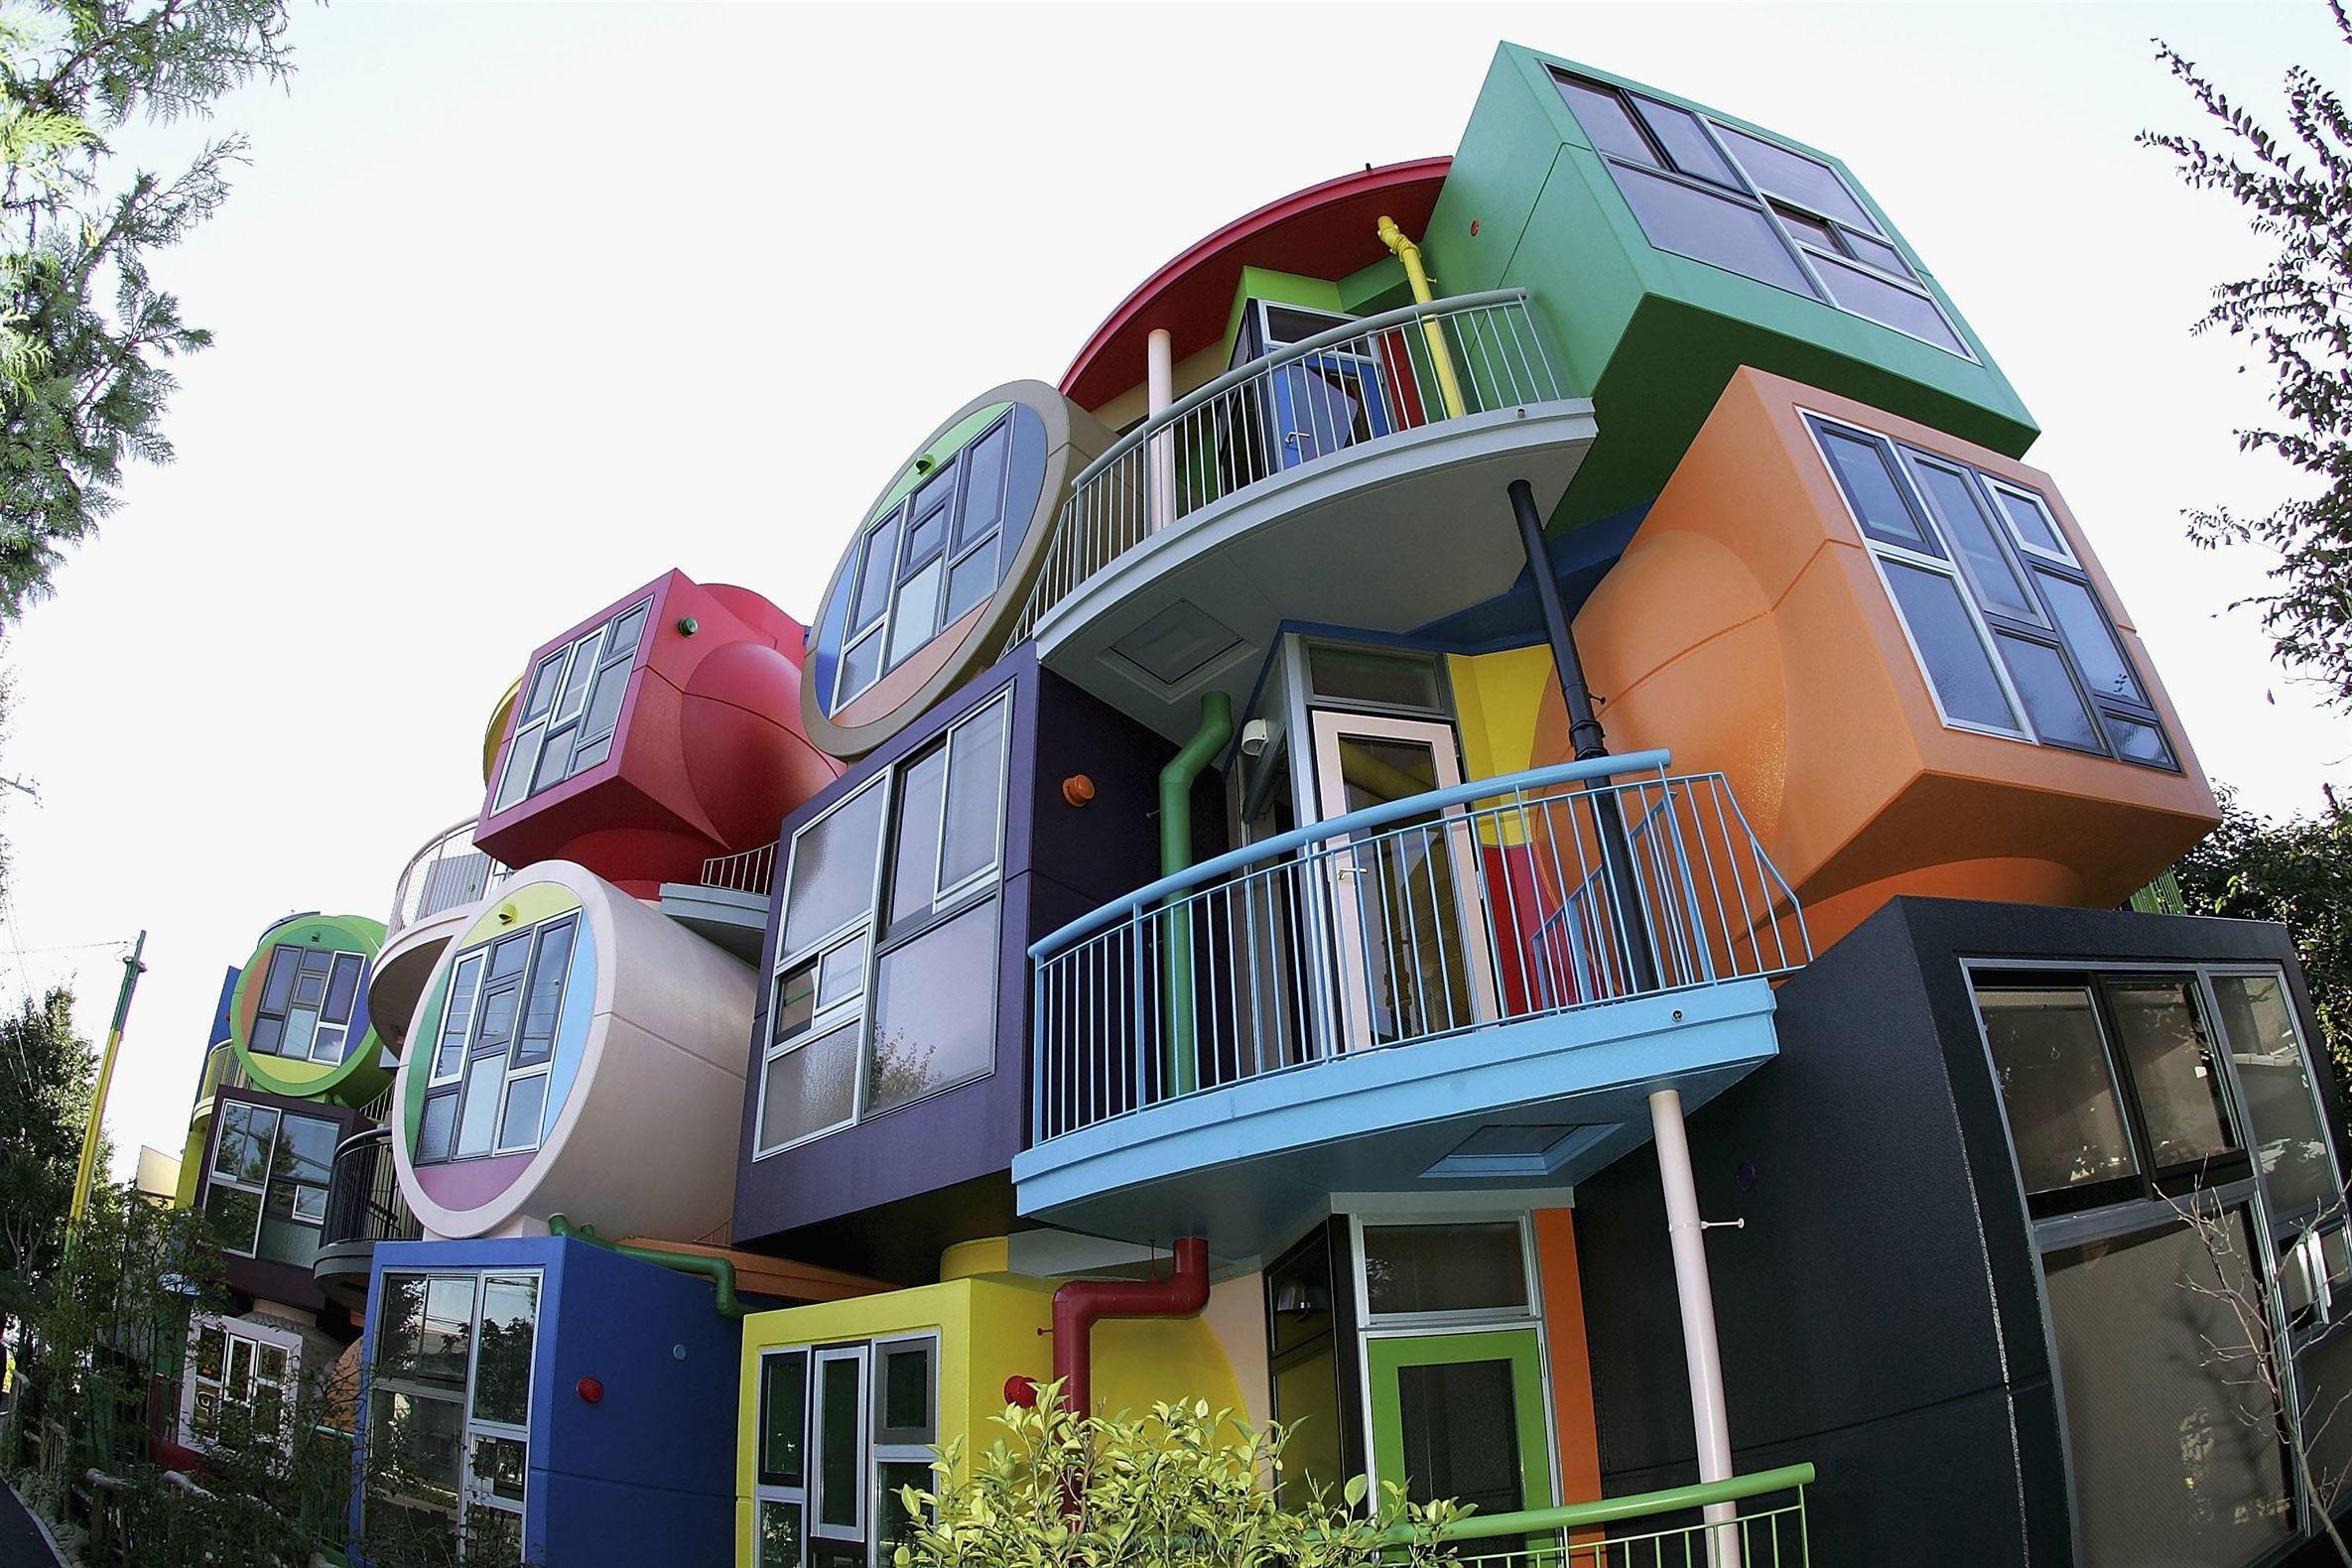 ארכיטקטורה שמאריכה תוחלת חיים